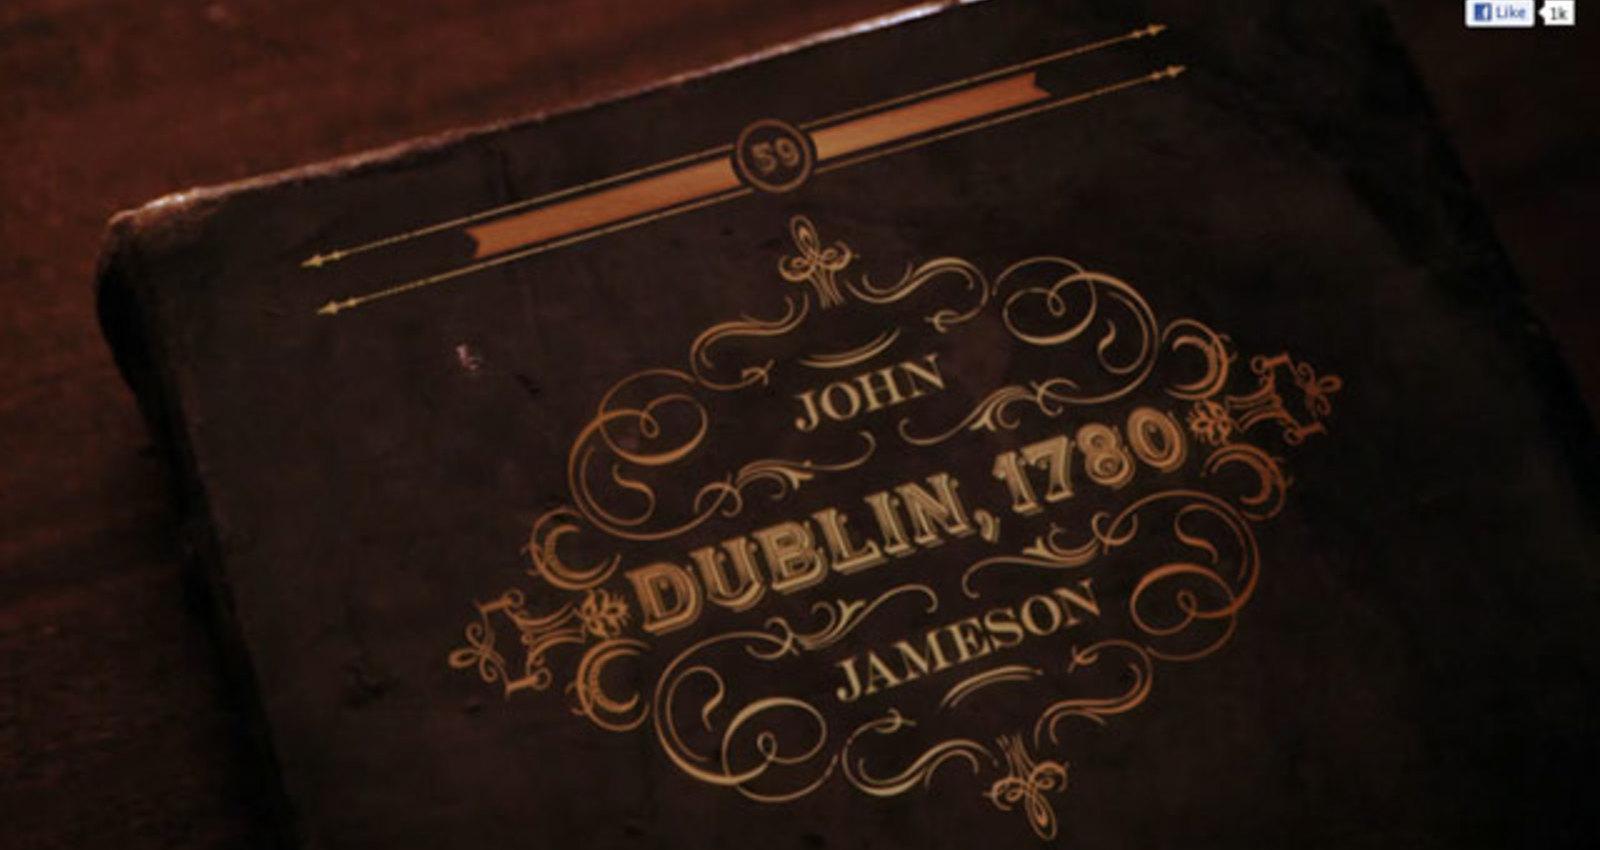 Jameson, 1780